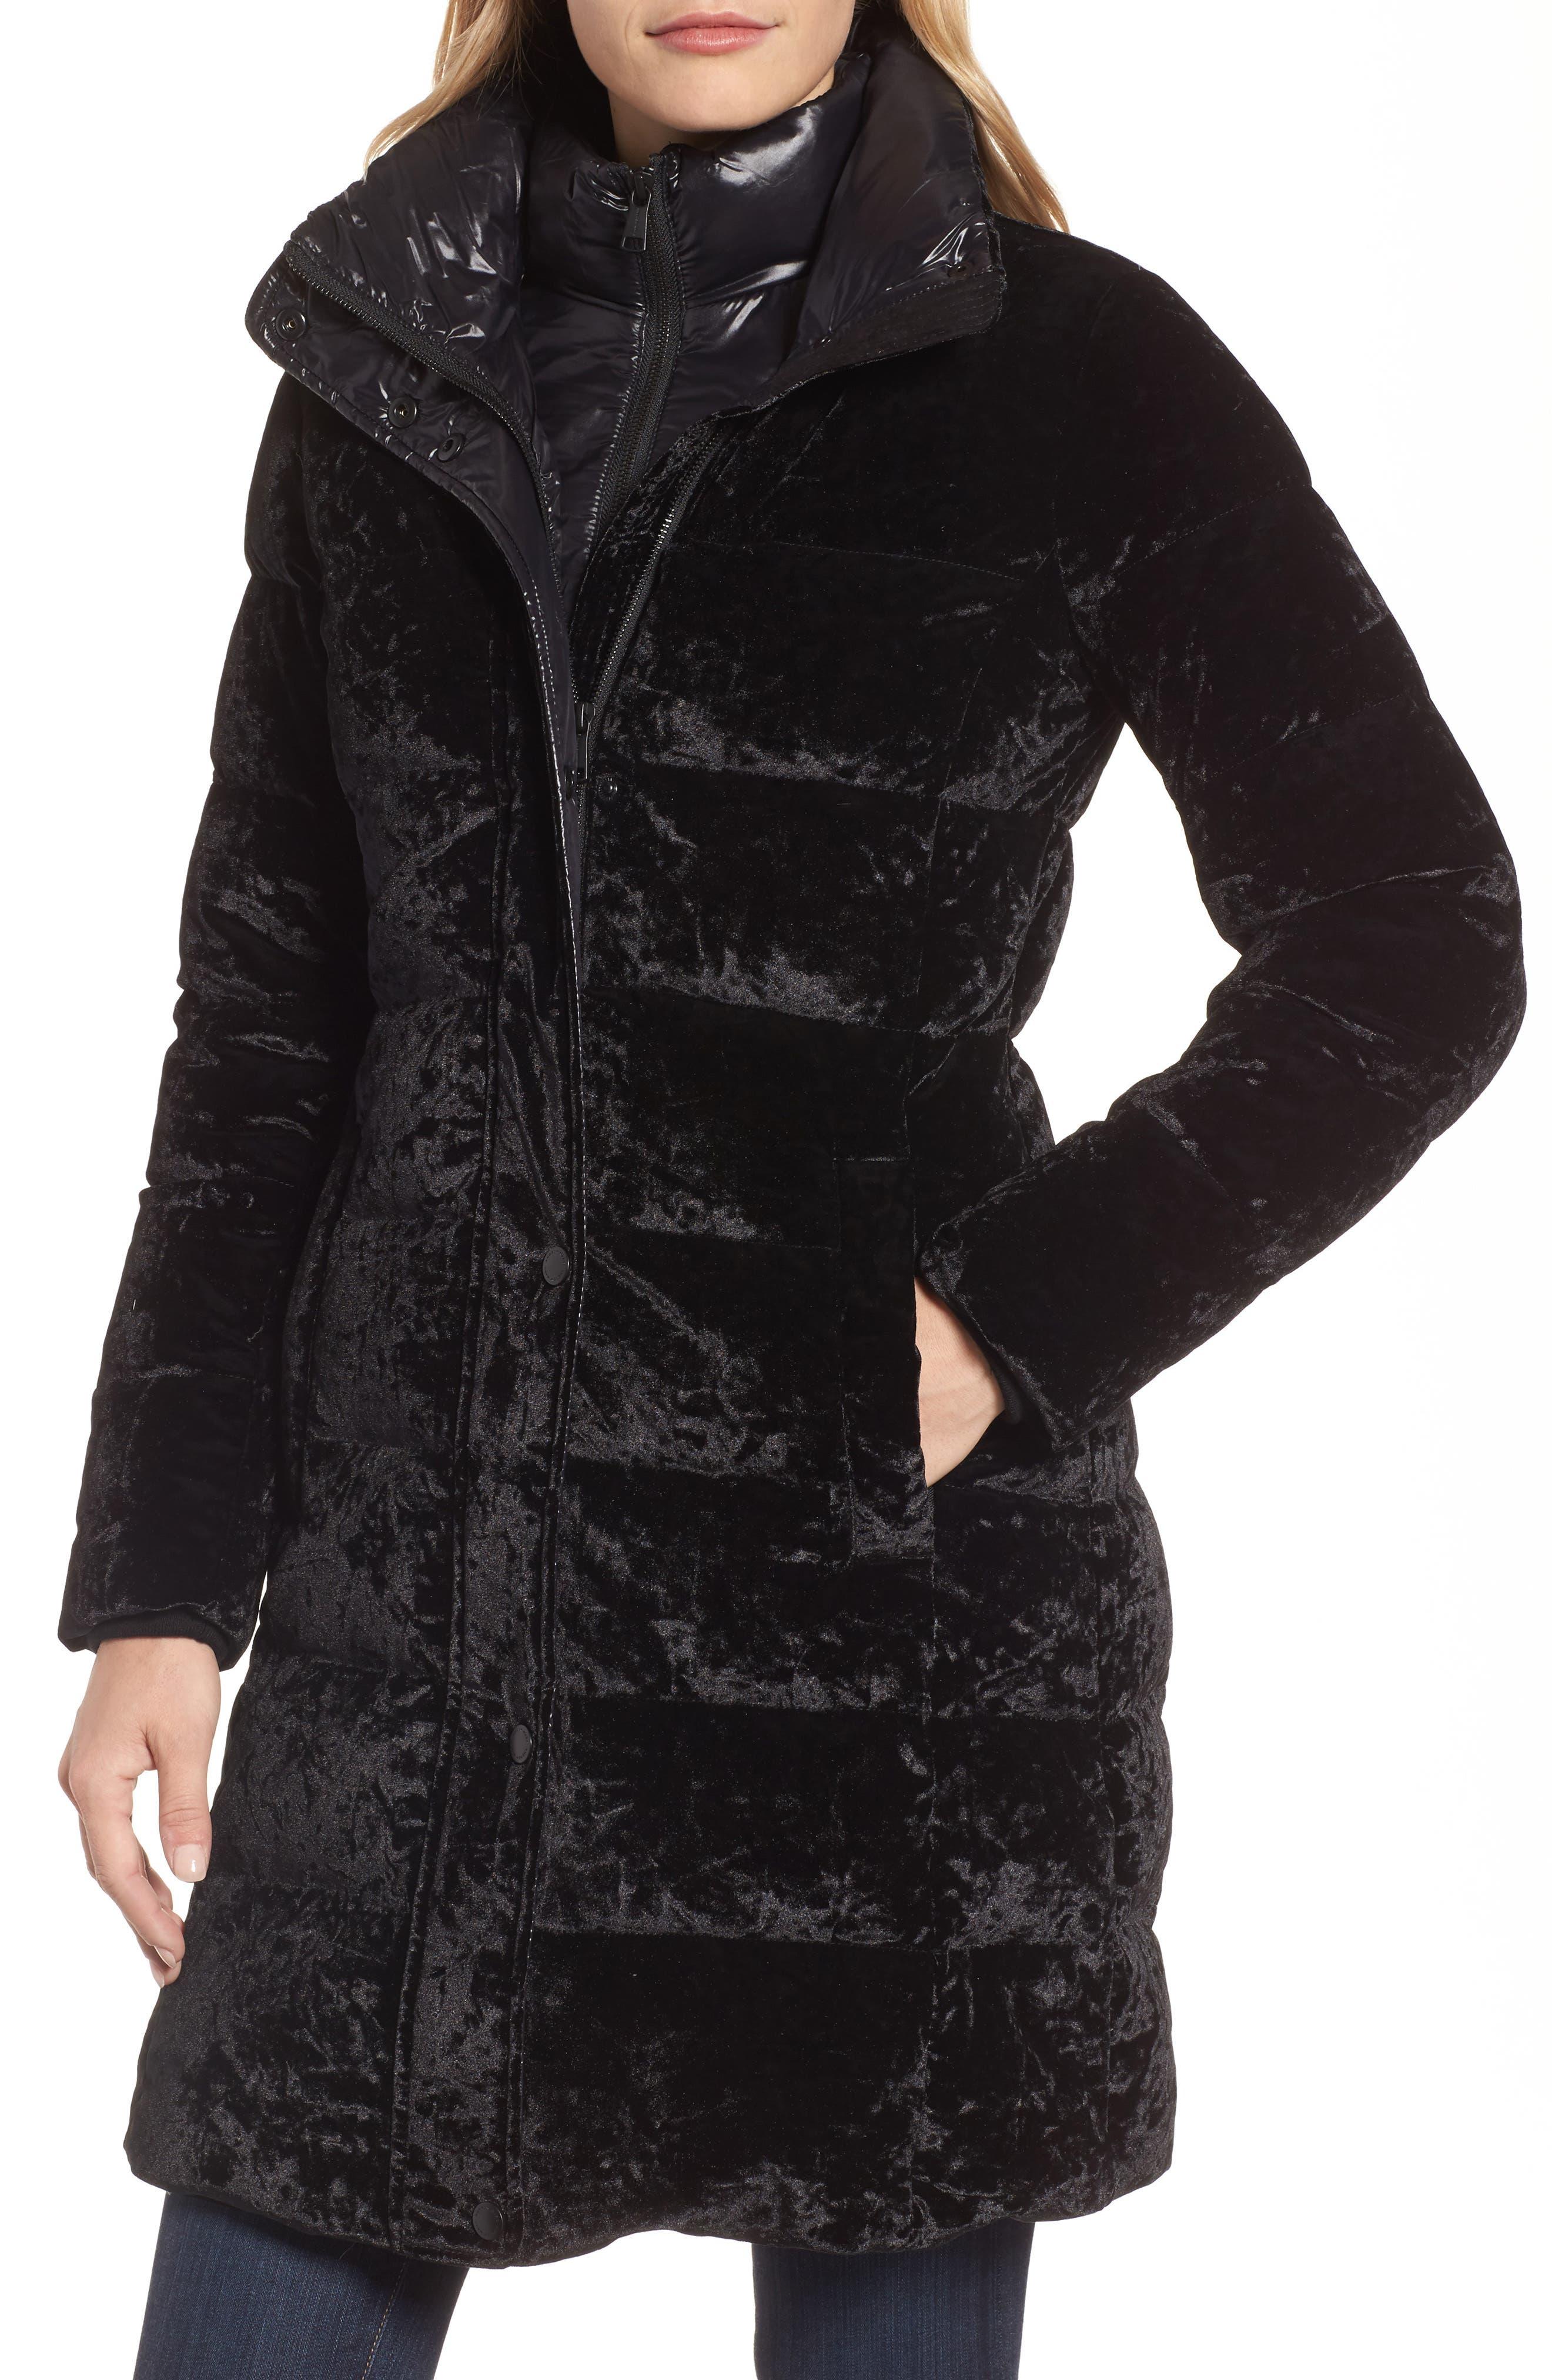 Velvet Down Jacket with Genuine Fox Fur,                             Alternate thumbnail 4, color,                             001